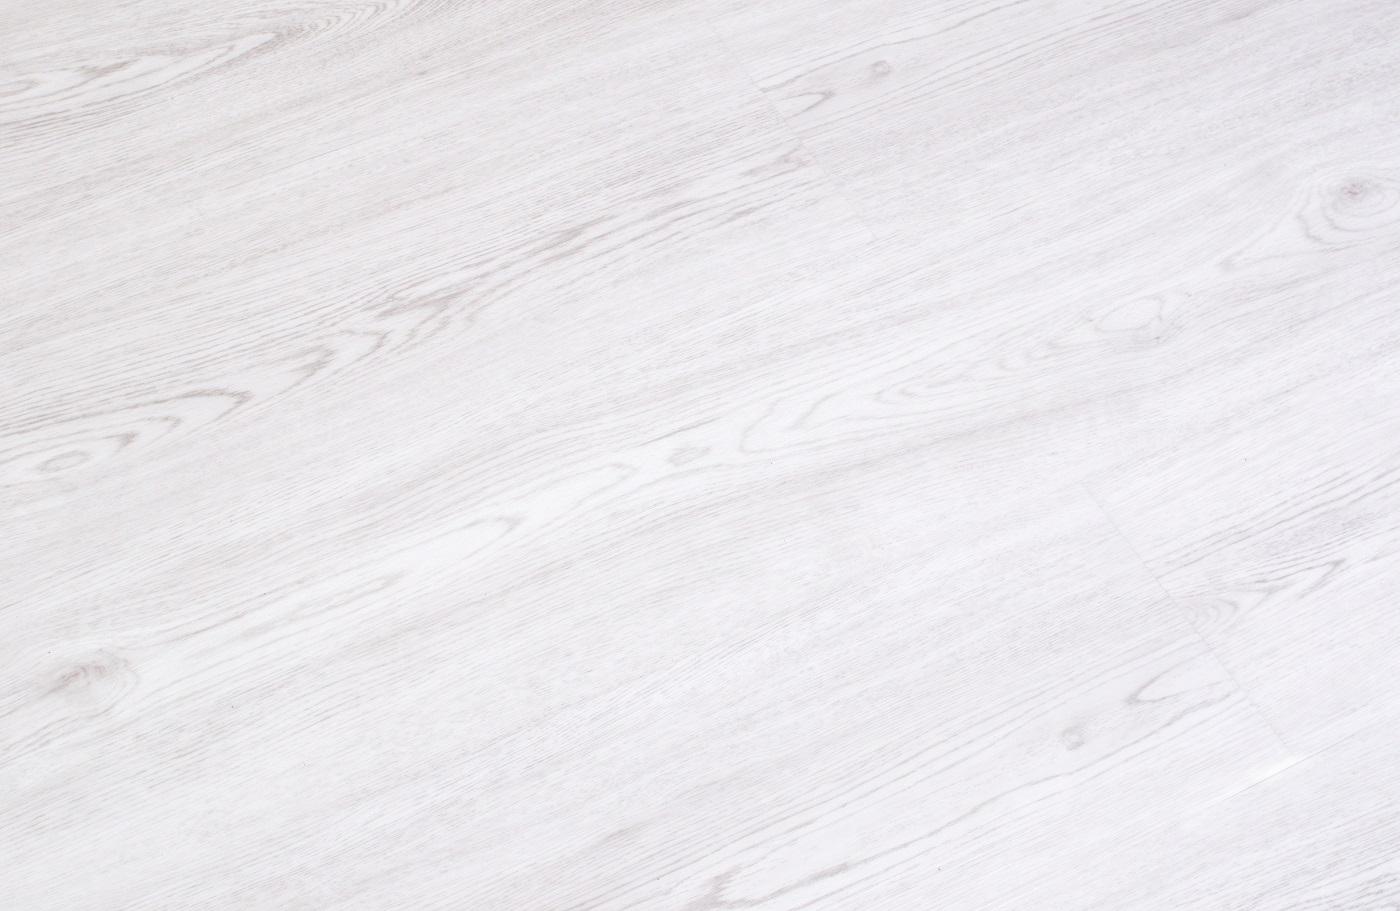 Кварцвиниловая плитка Alpine Floor Classic (замковое соединение) Eco134-7 Дуб Арктик